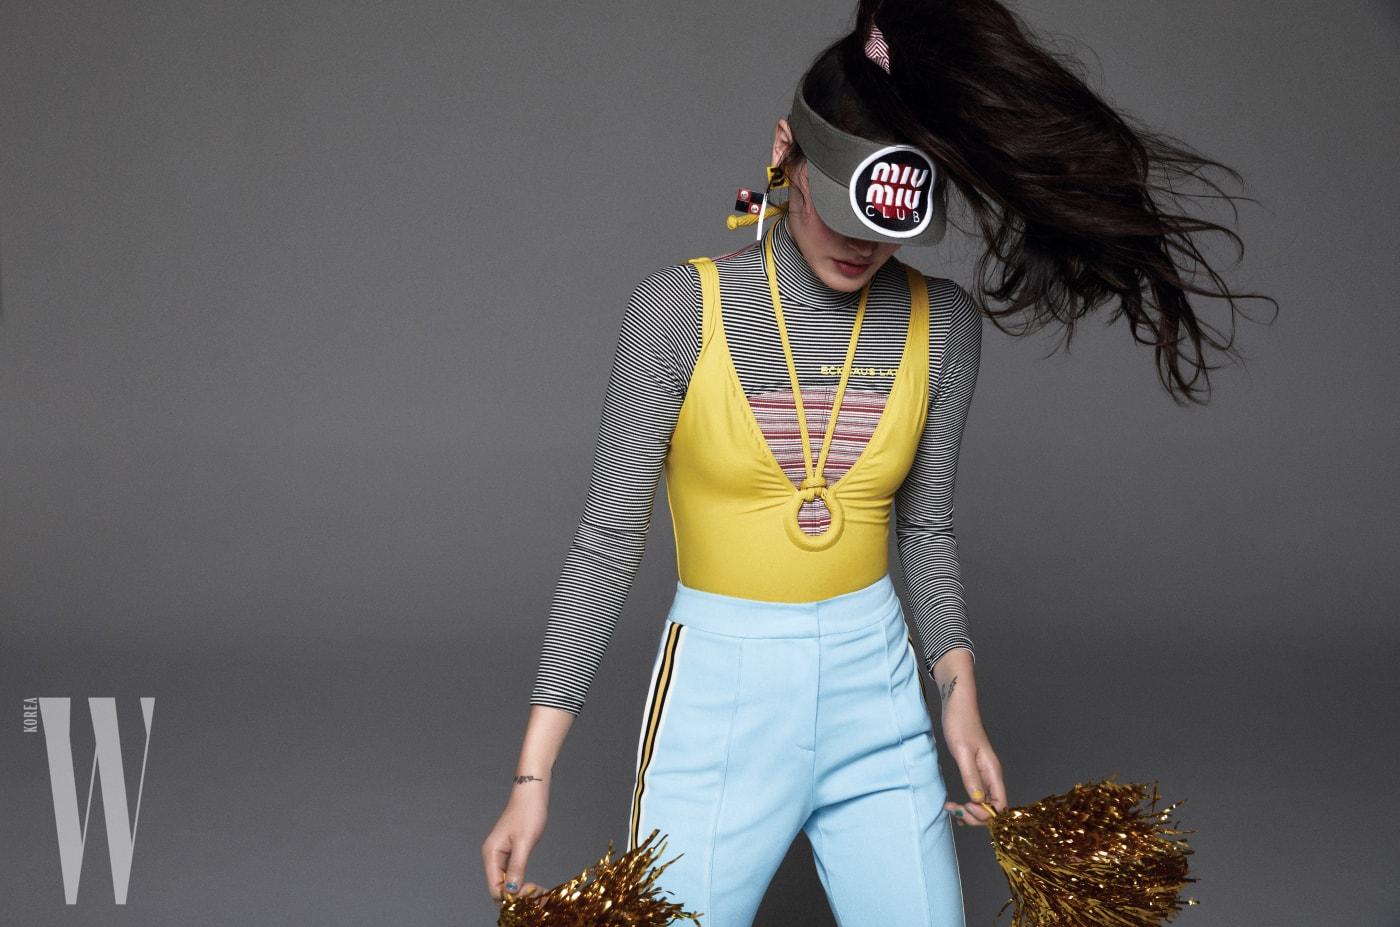 노란색 수영복은 Hermes, 터틀넥 톱은 Eckhaus Latta by Matchesfashion.com, 팬츠는 YCH, 모자와 귀고리는 Miu Miu 제품.